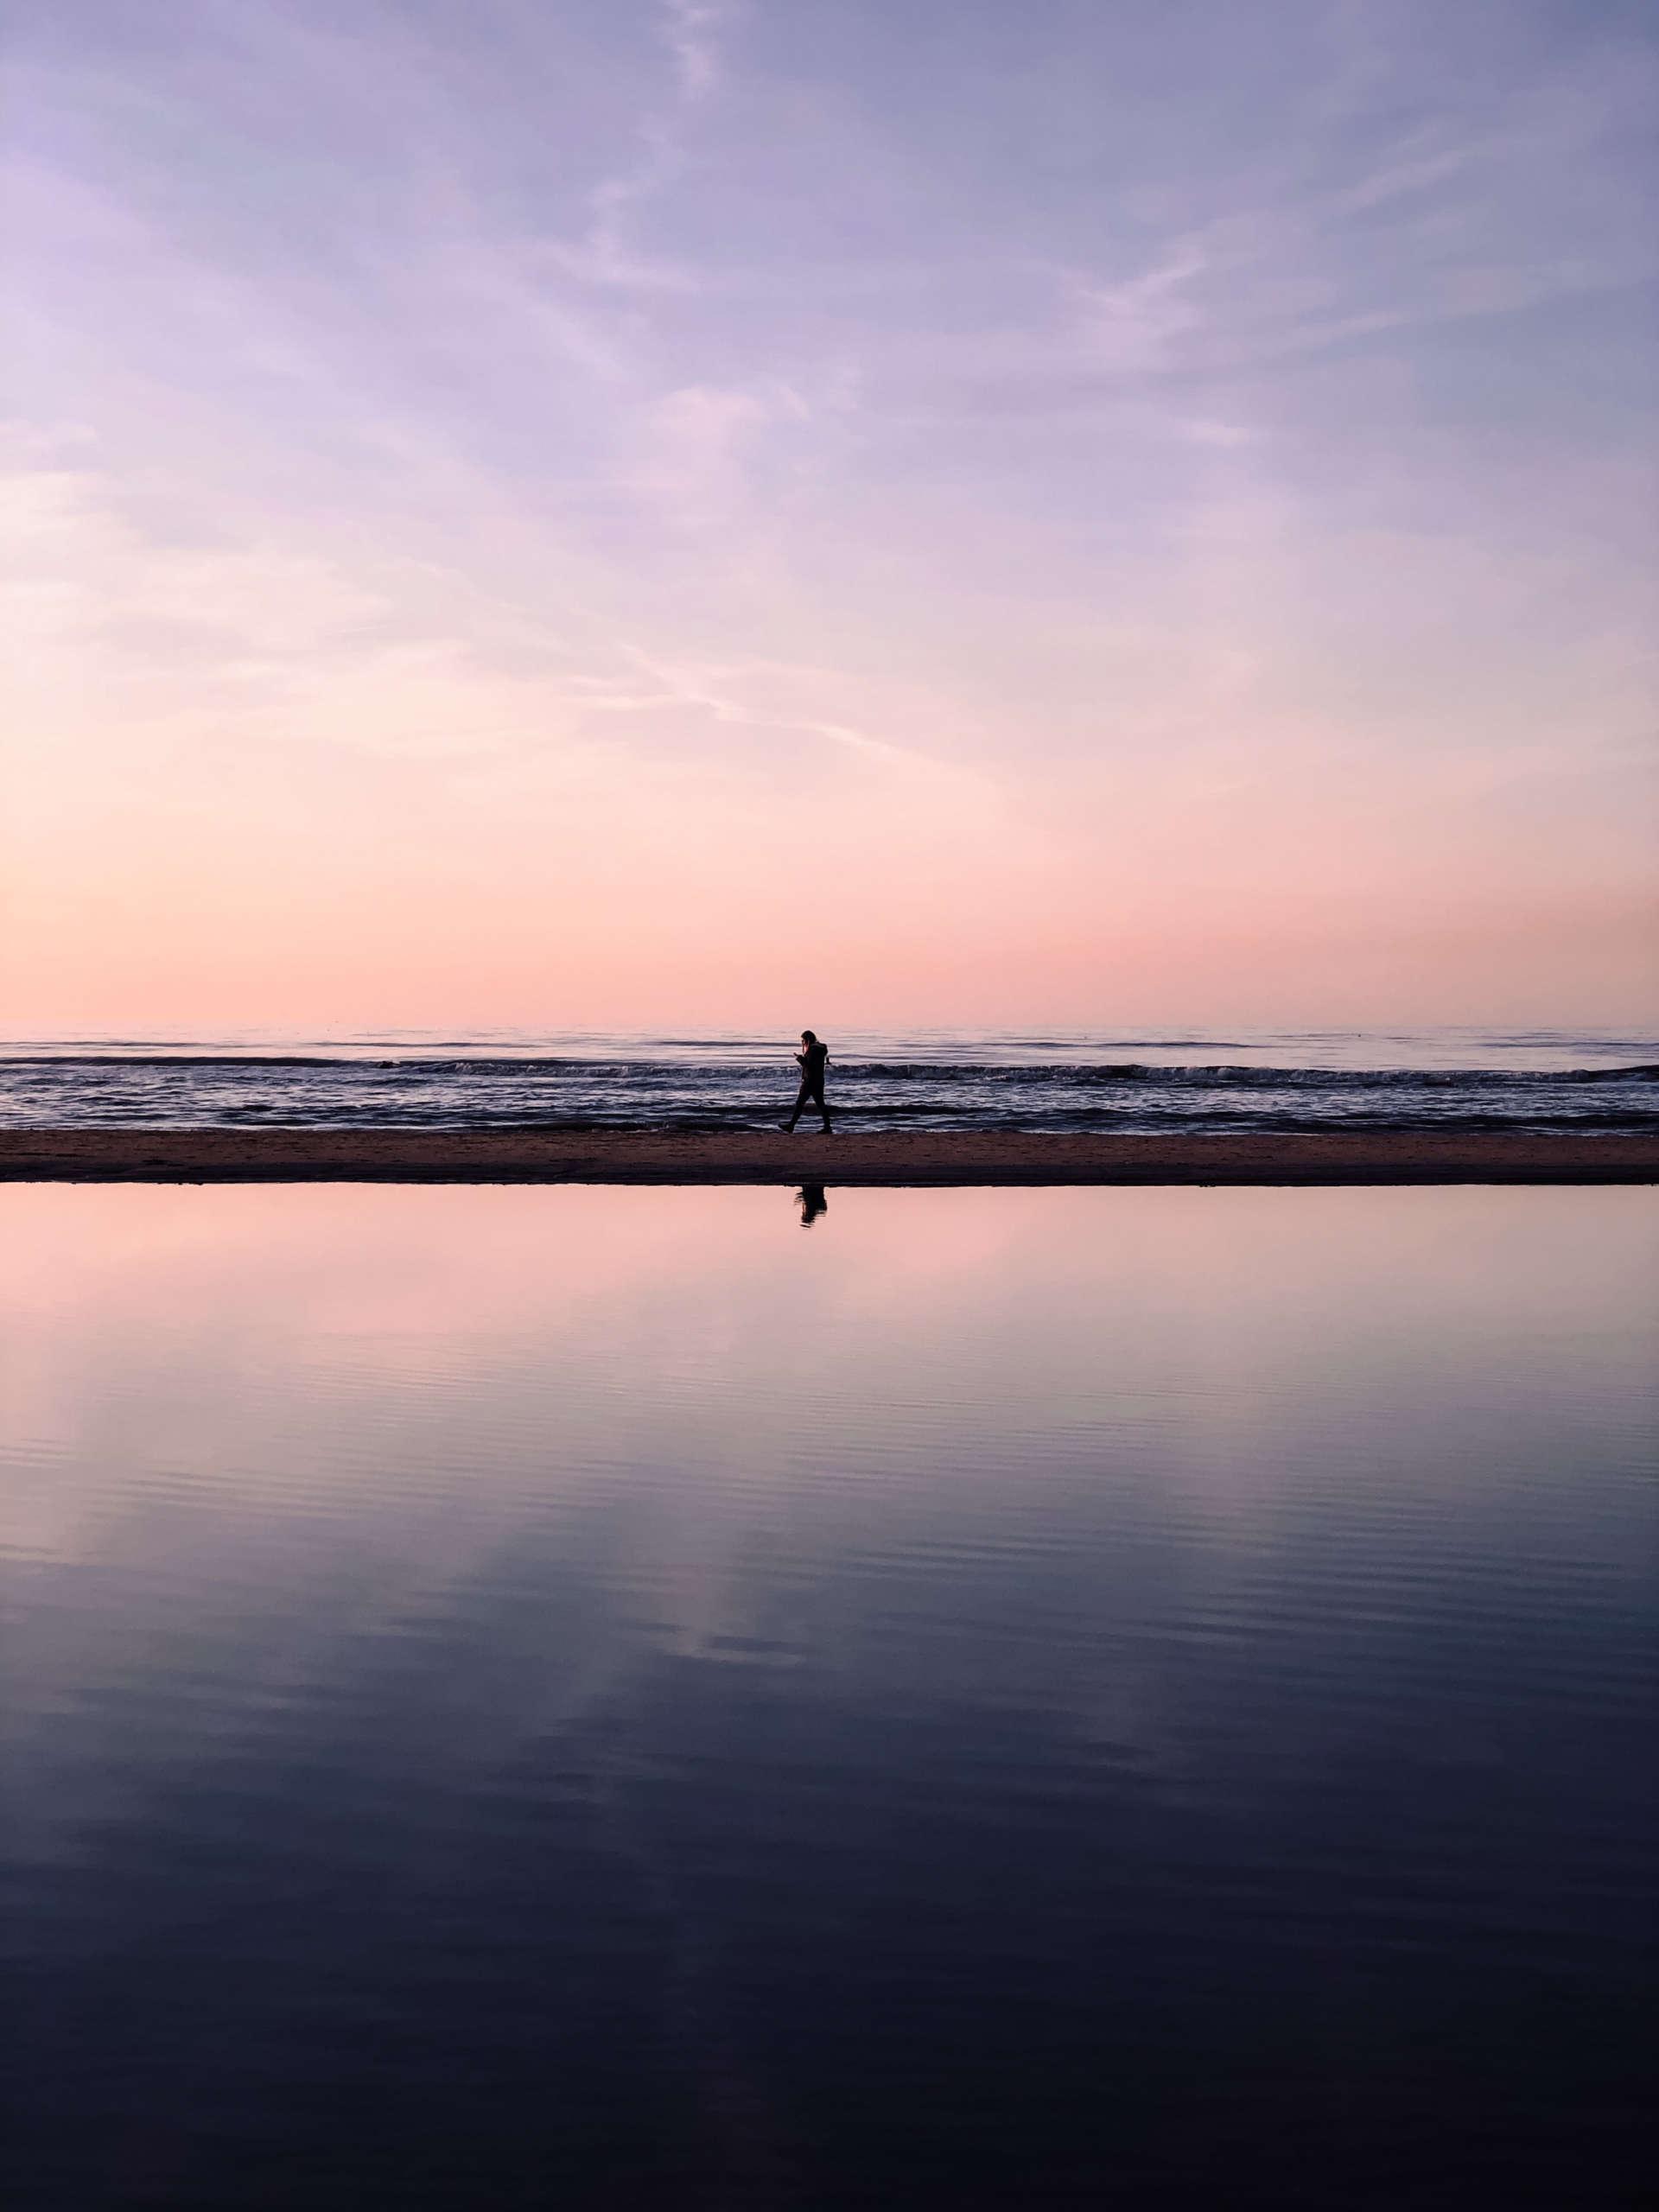 Lila und pink gefärbter Himmel, darunter das Meer und eine kaum erkennbare Person, die den Strand entlang spaziert